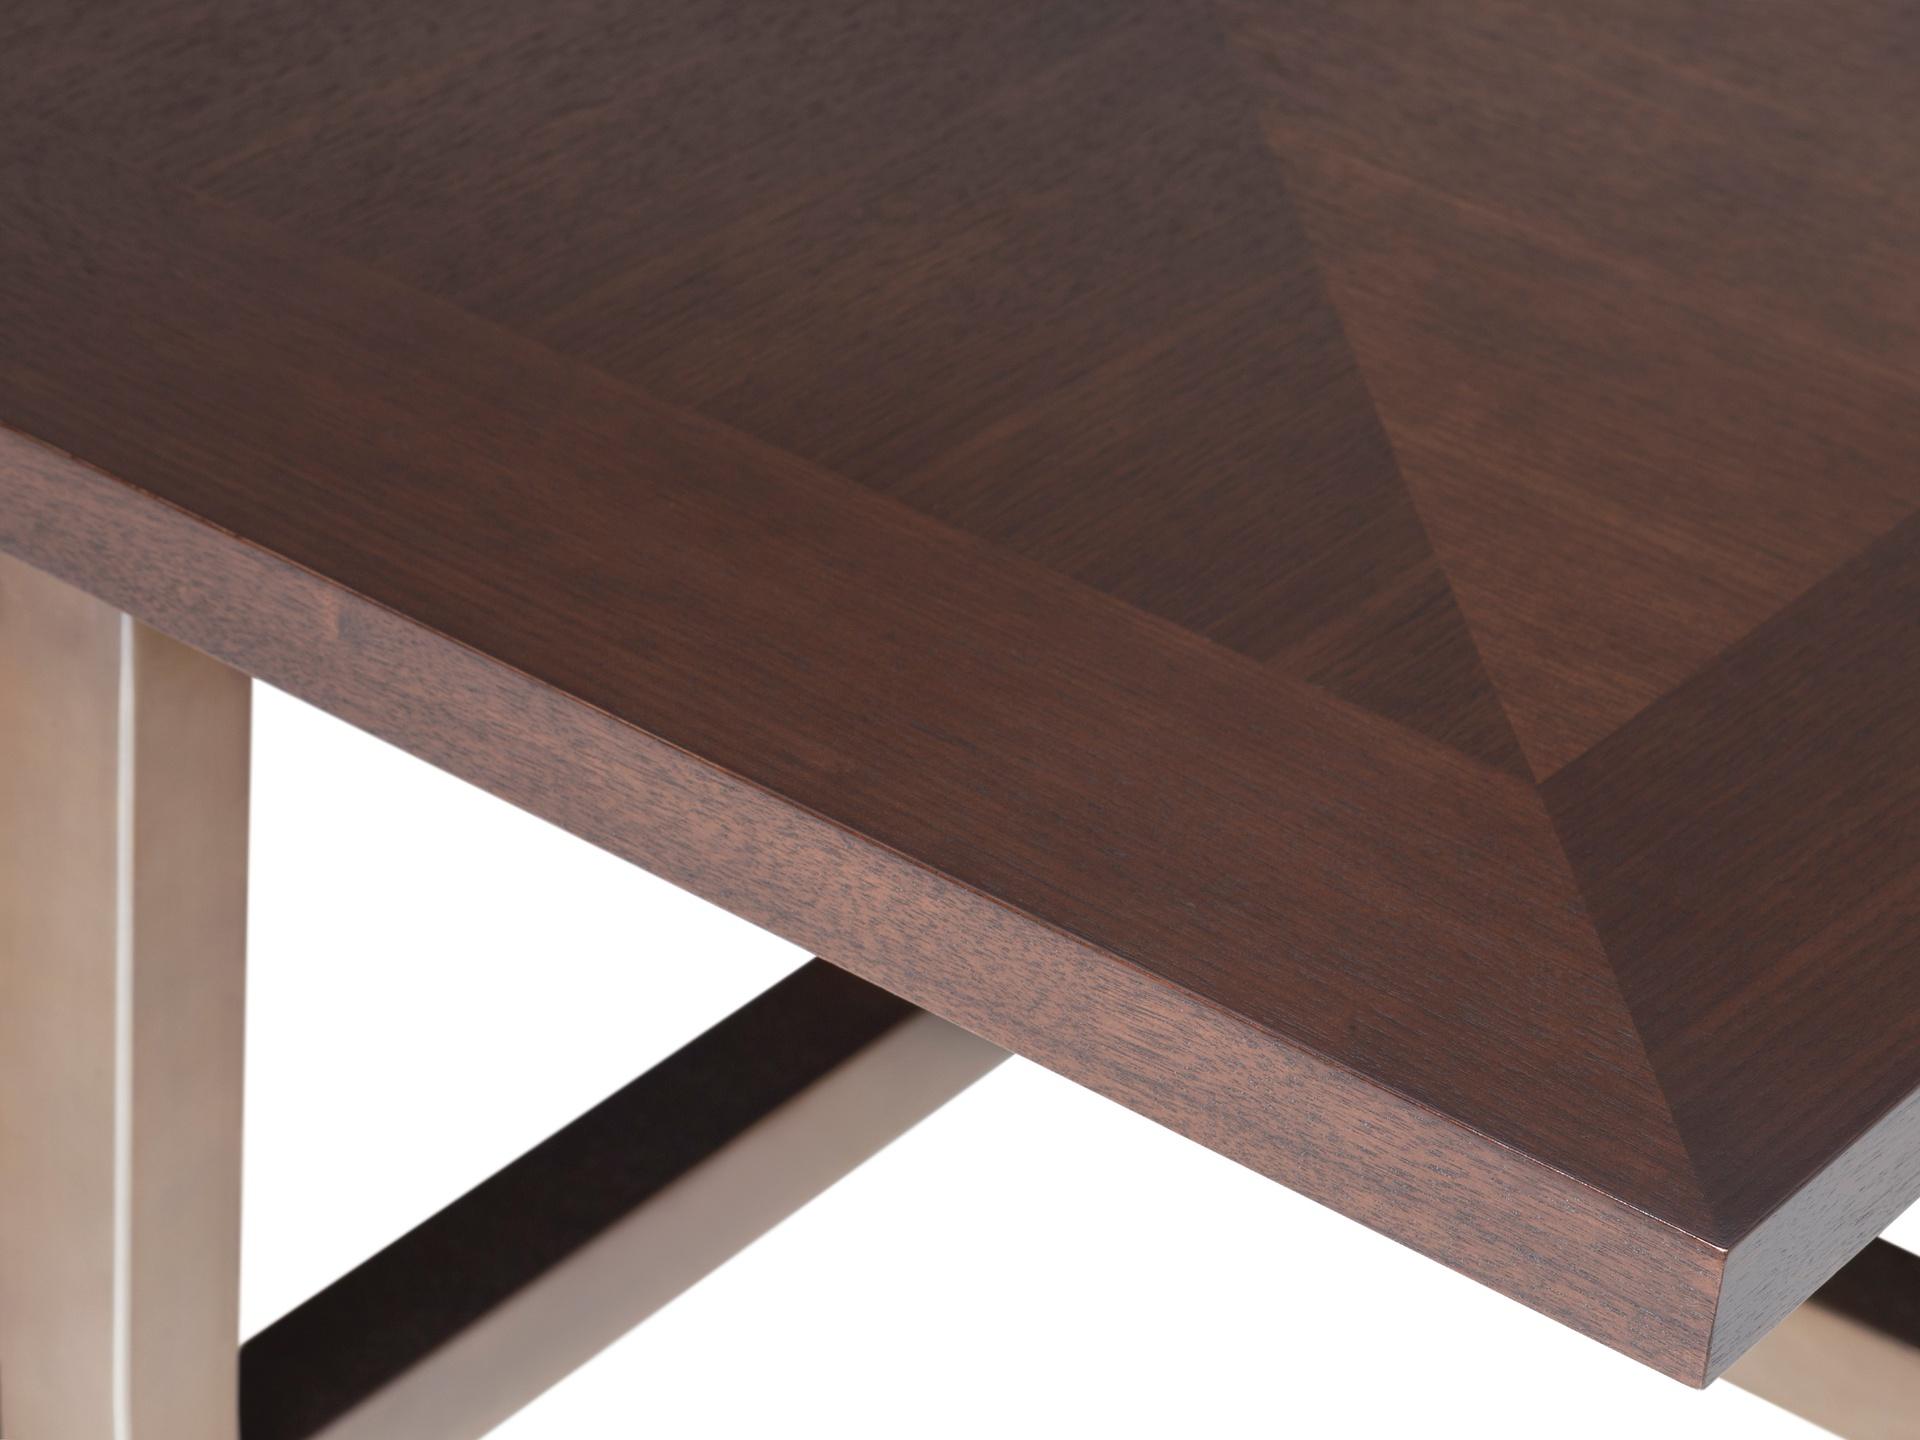 5016-40 Detail